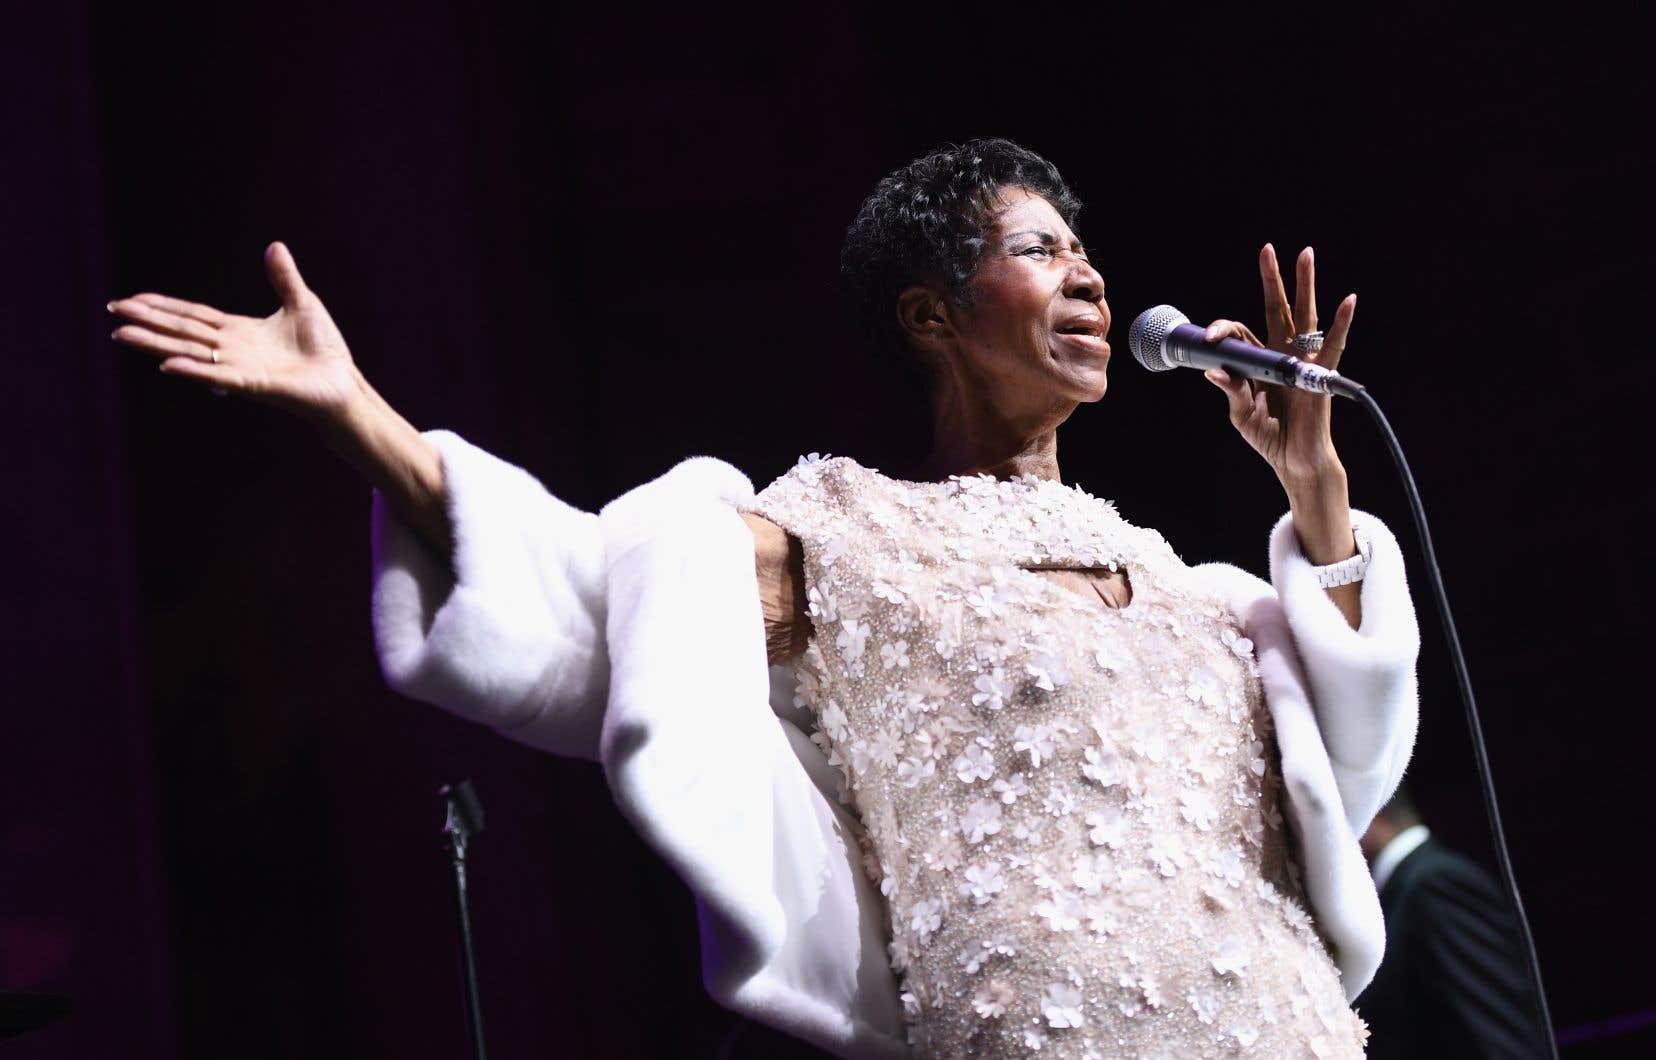 La chanteuse Aretha Franklin se produit sur scène lors d'une cérémonie de la Elton John AIDS Foundation à la cathédrale de St. John the Divine à New York, le 7 novembre 2017.